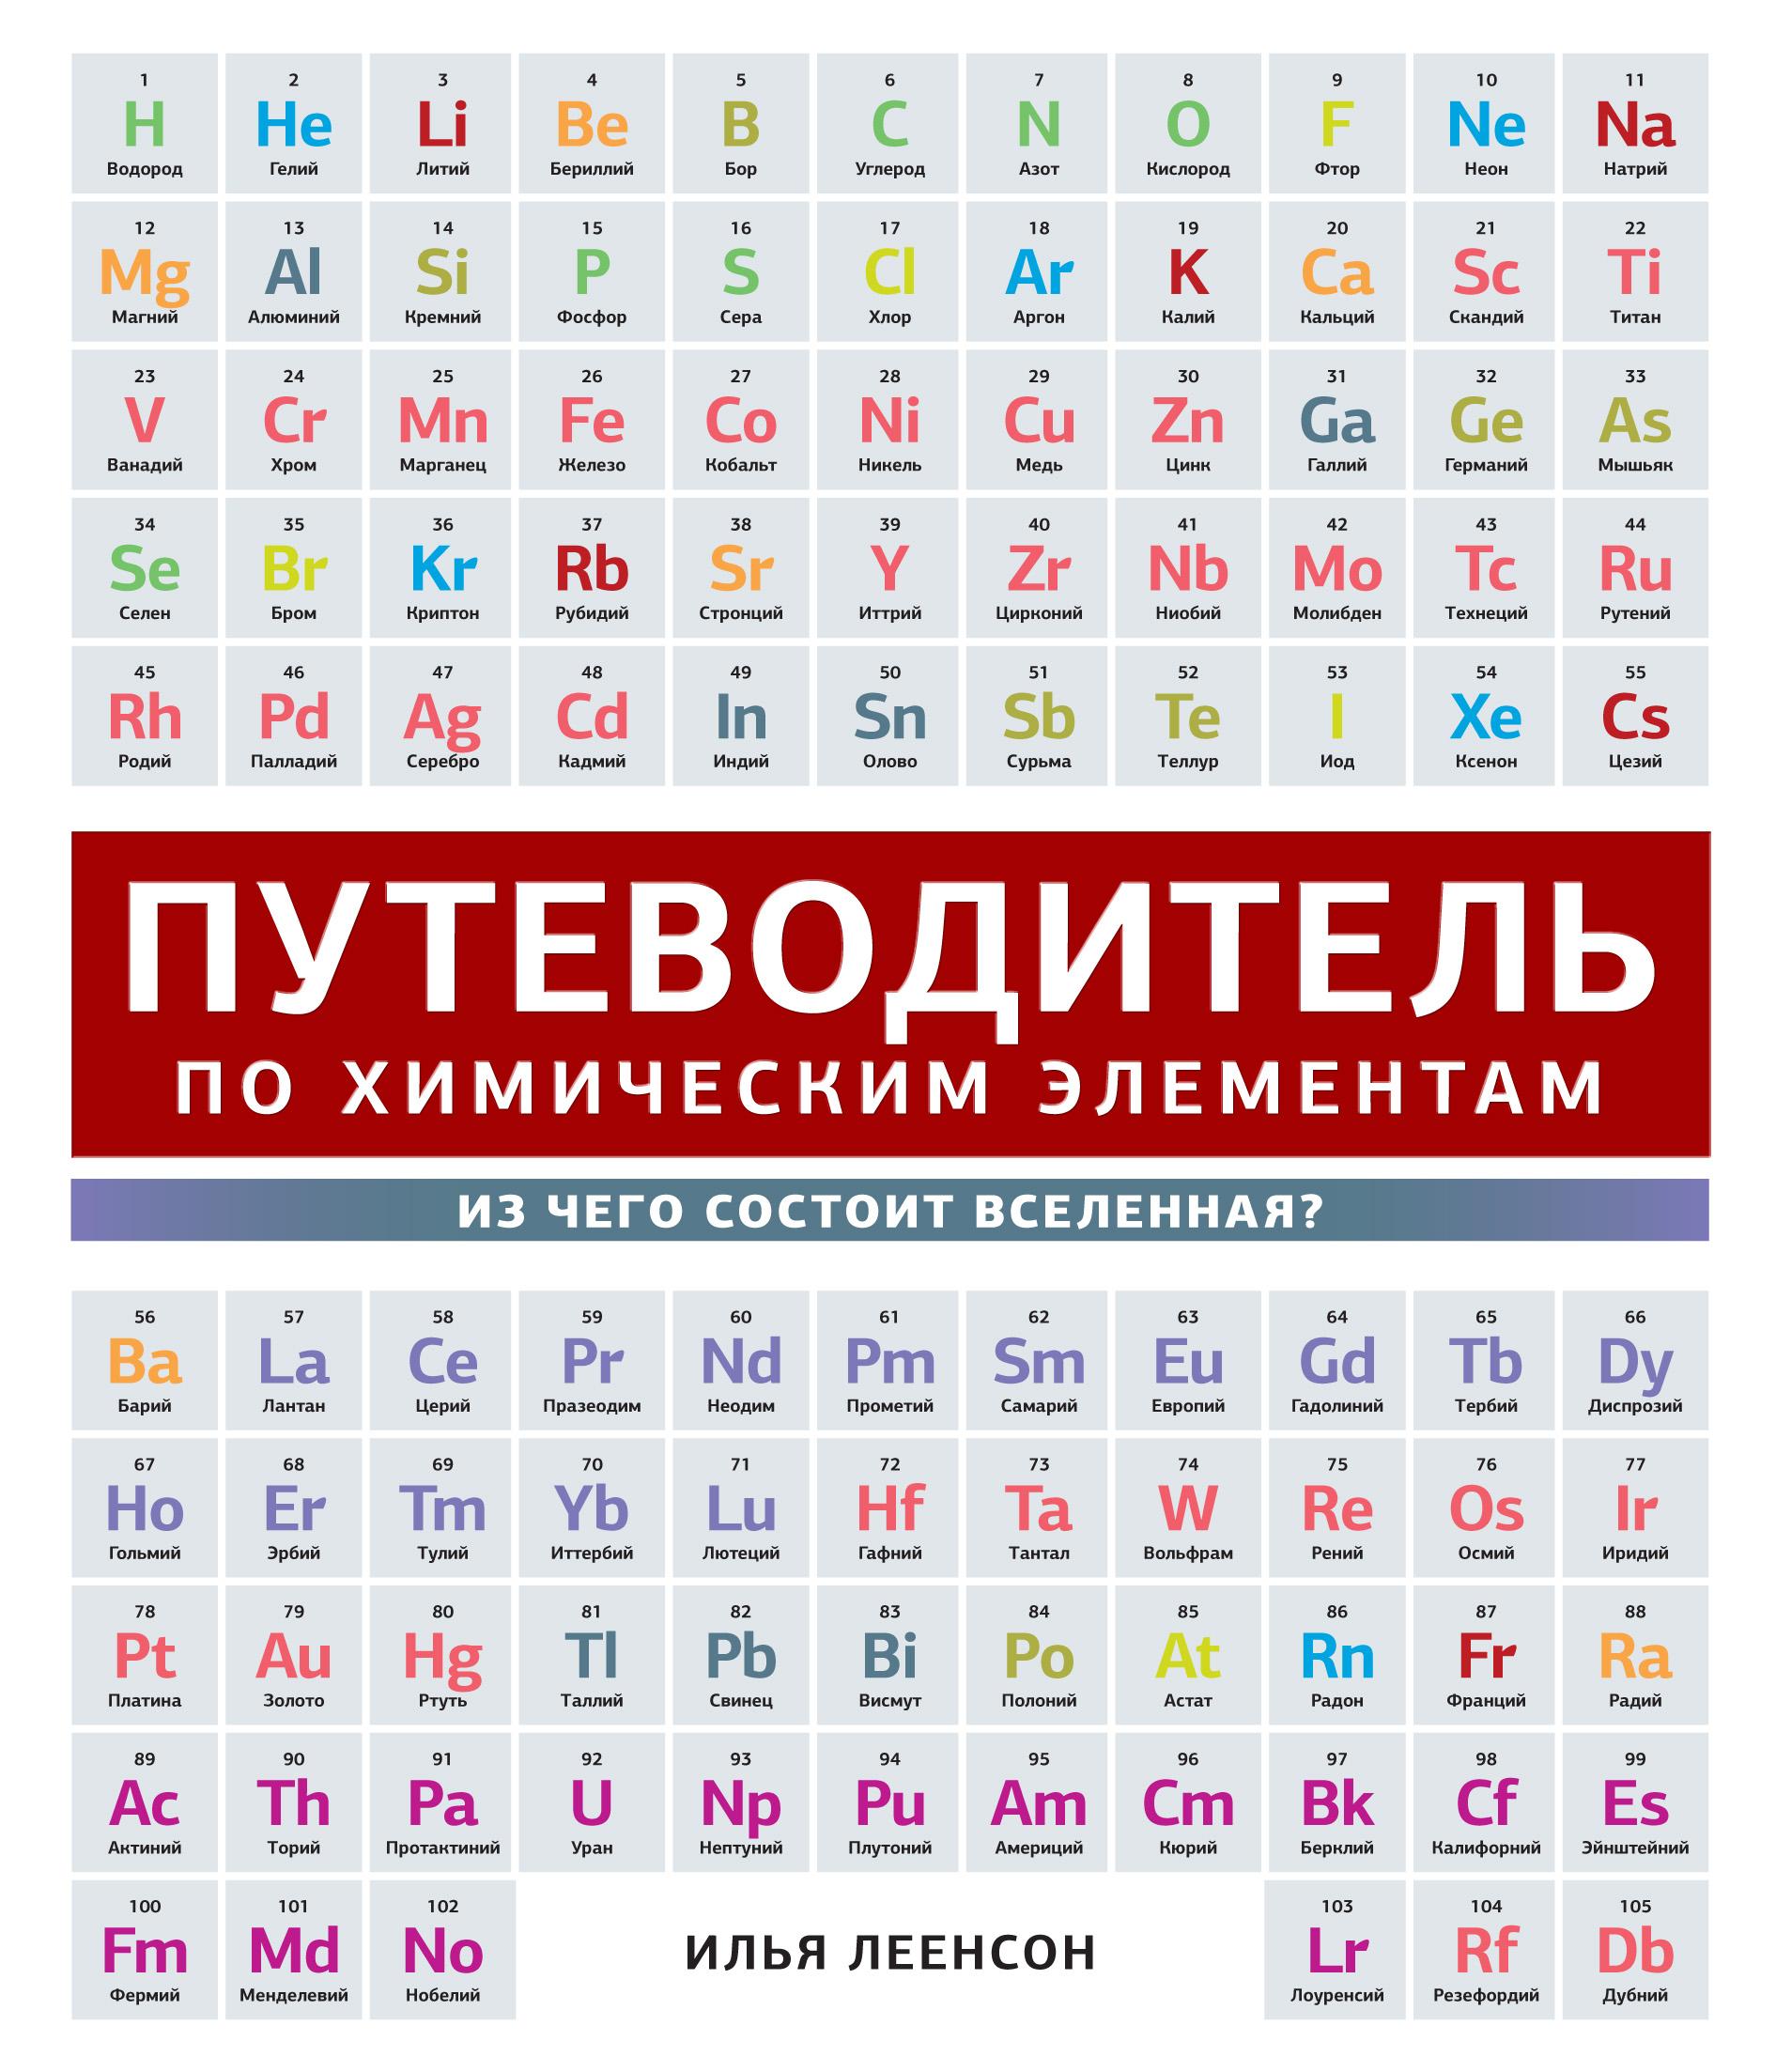 И. А. Леенсон Путеводитель по химическим элементам. Из чего состоит Вселенная? илья леенсон химические элементы путеводитель по периодической системе